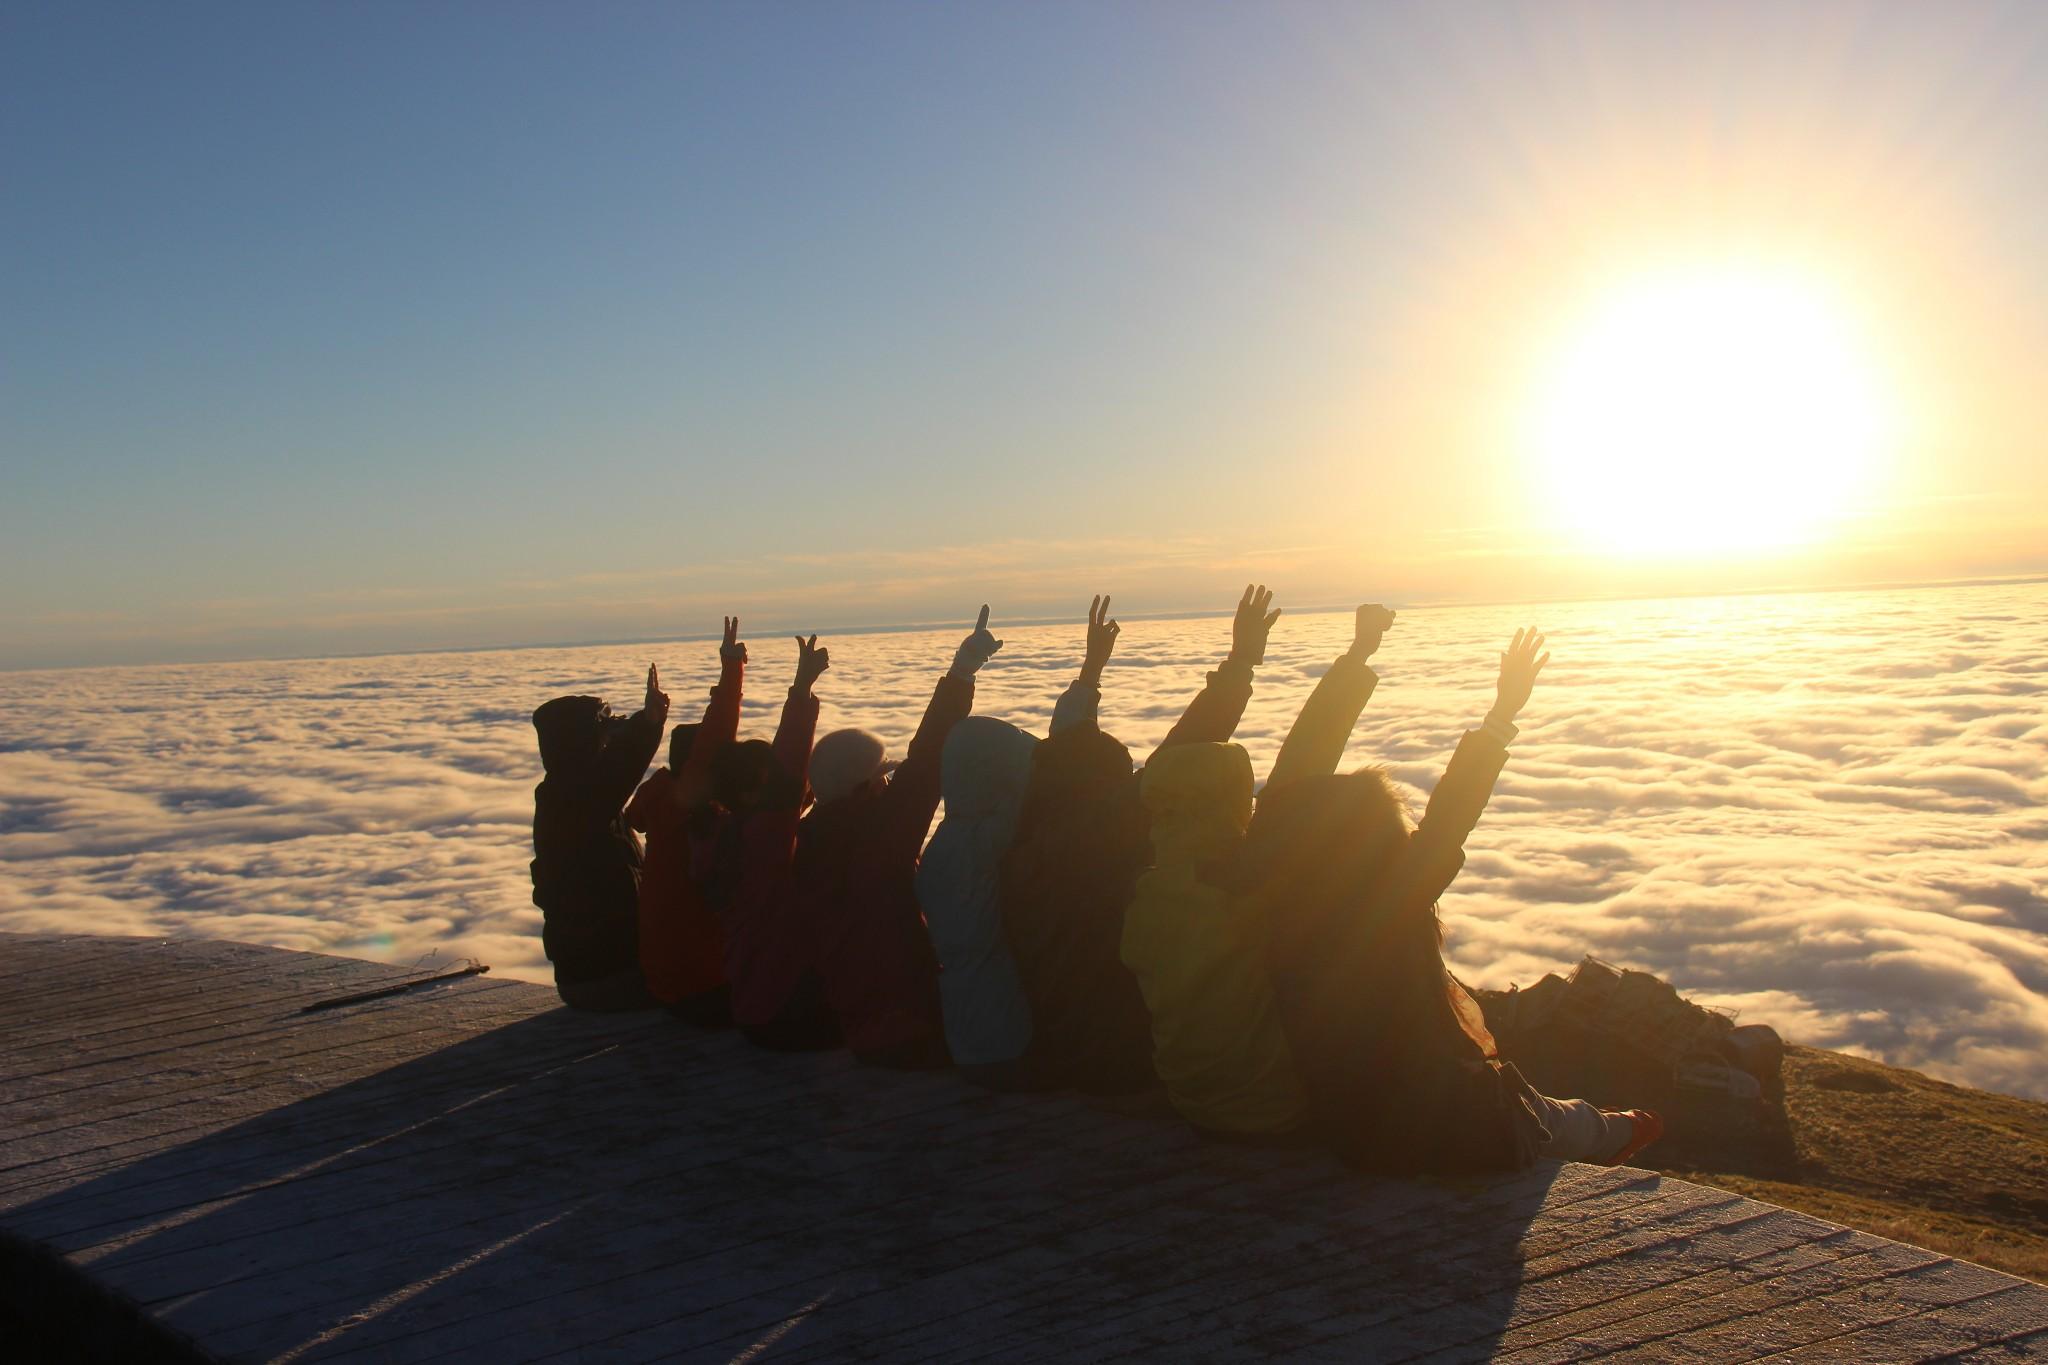 五一3天 | 江西武功山人间仙境、天上草原徒步、观云海日出日落奇观